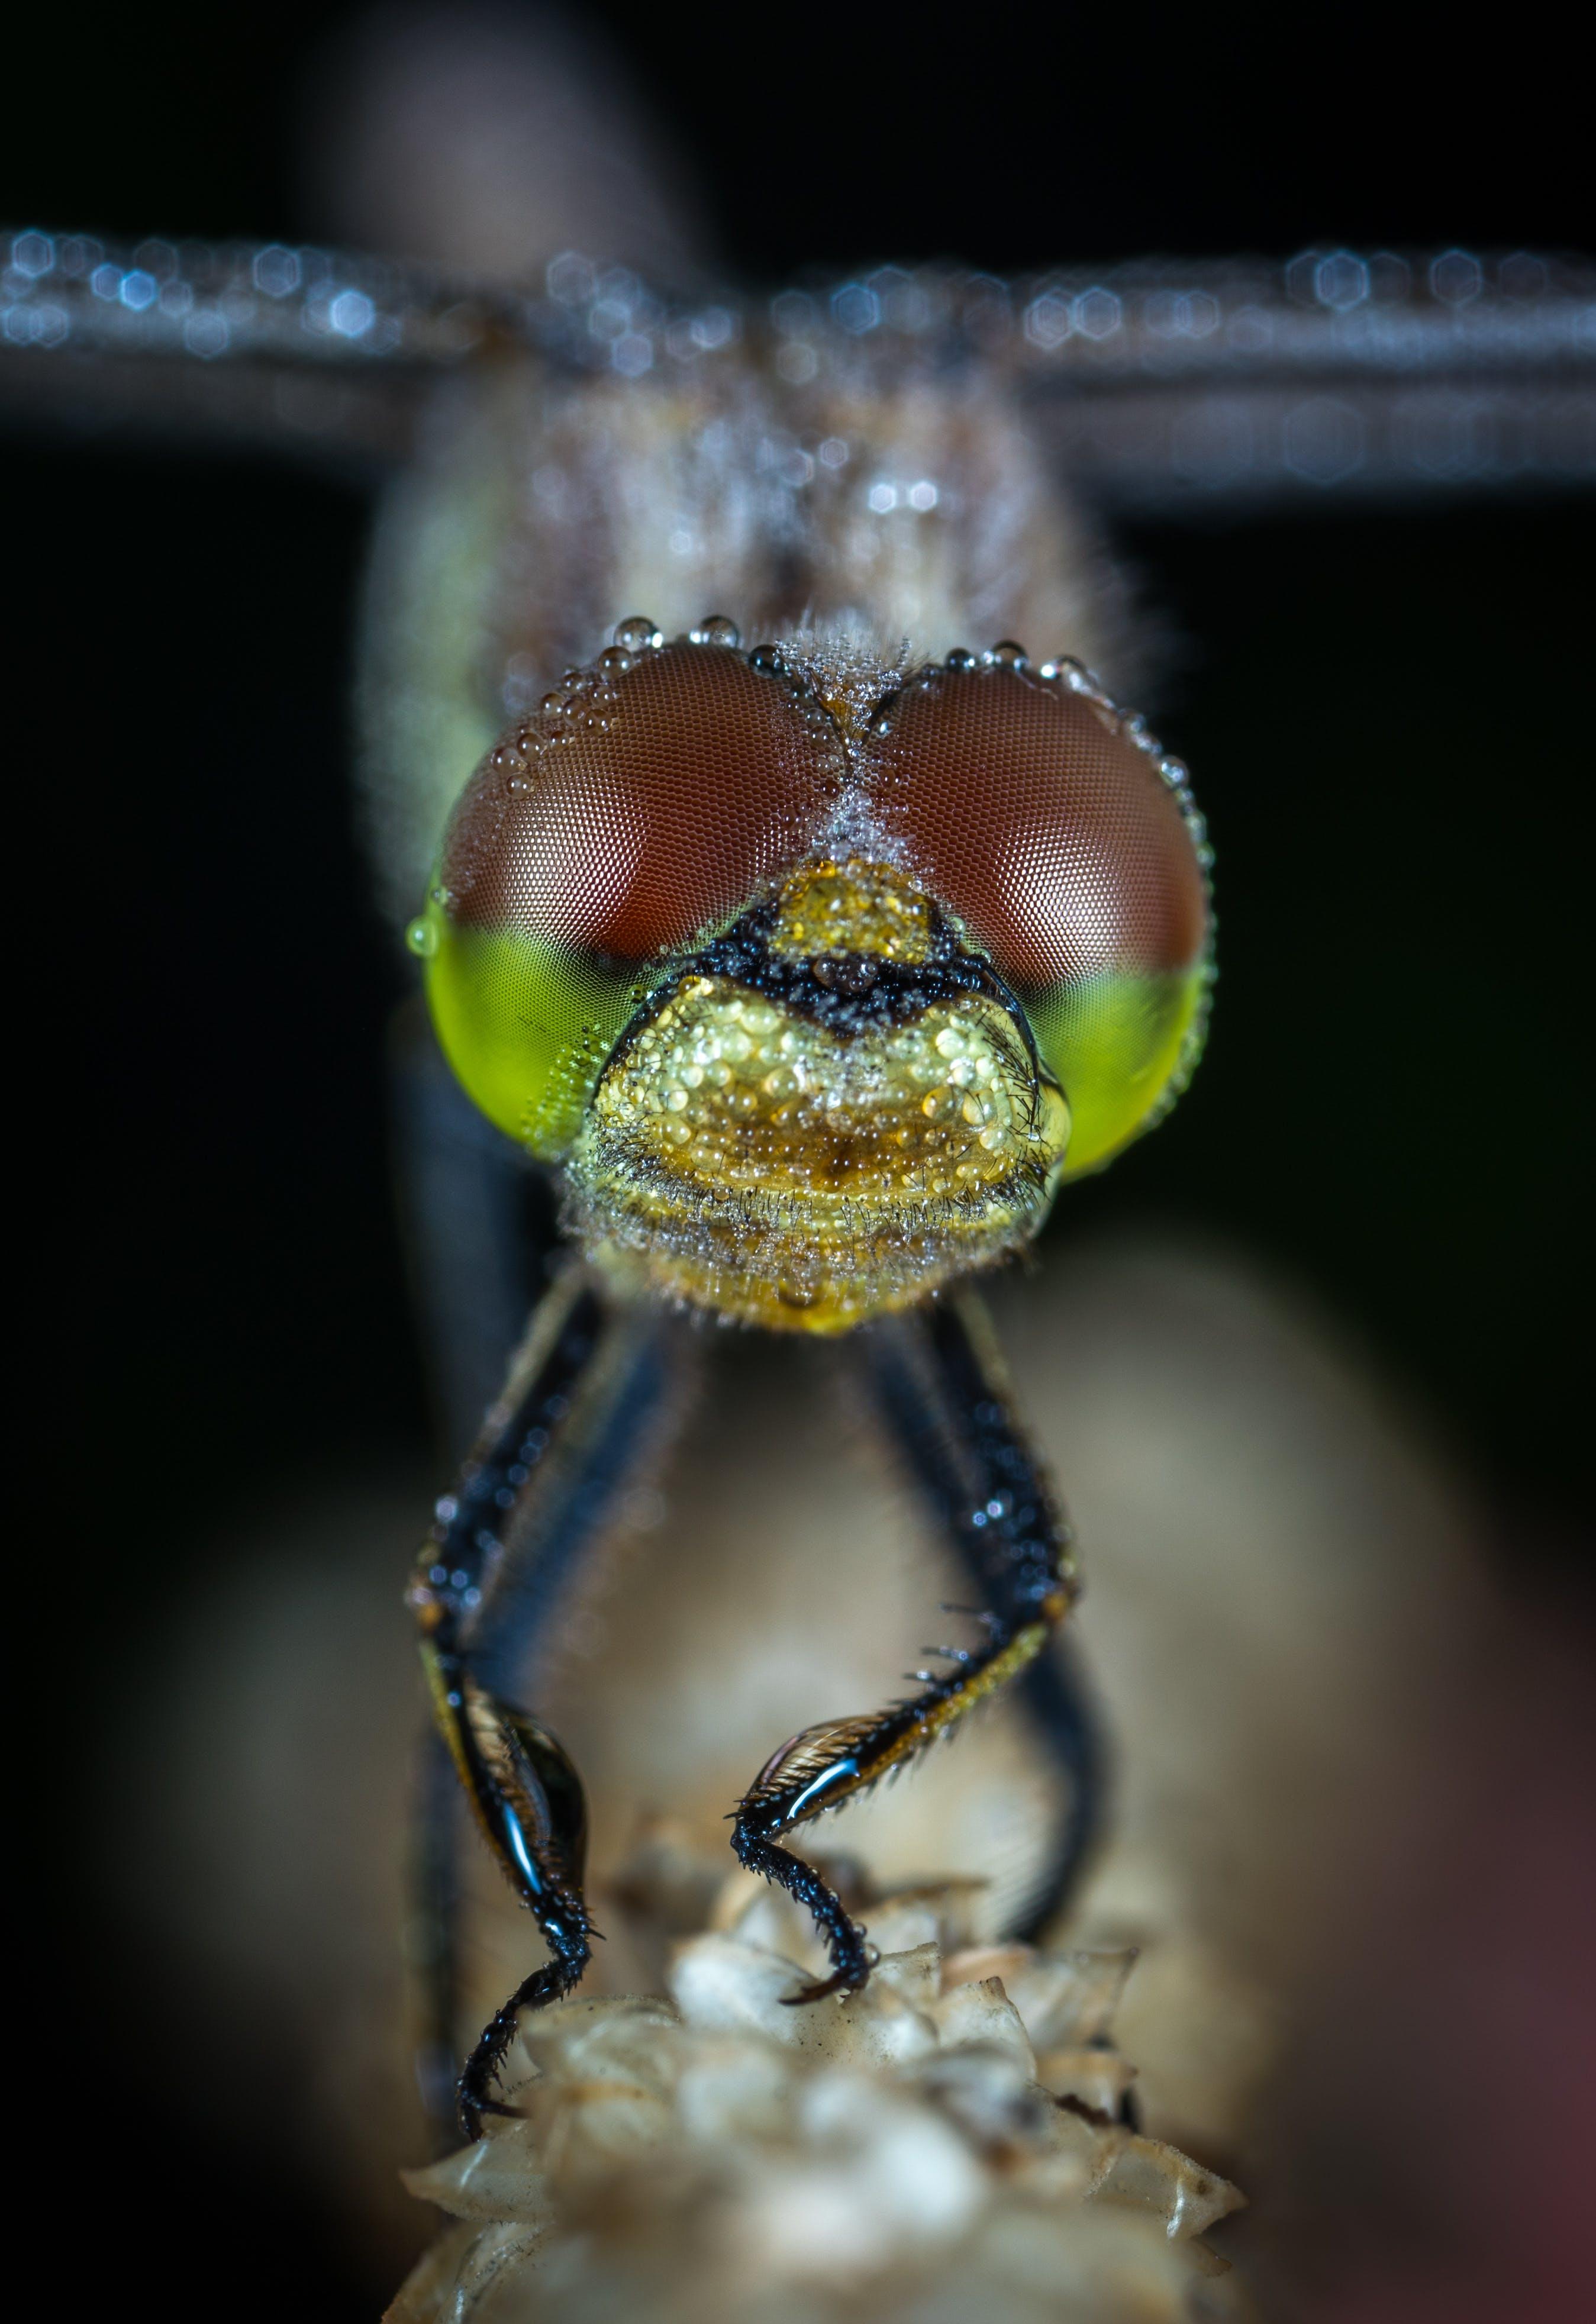 곤충, 곤충학, 눈, 동물의 무료 스톡 사진